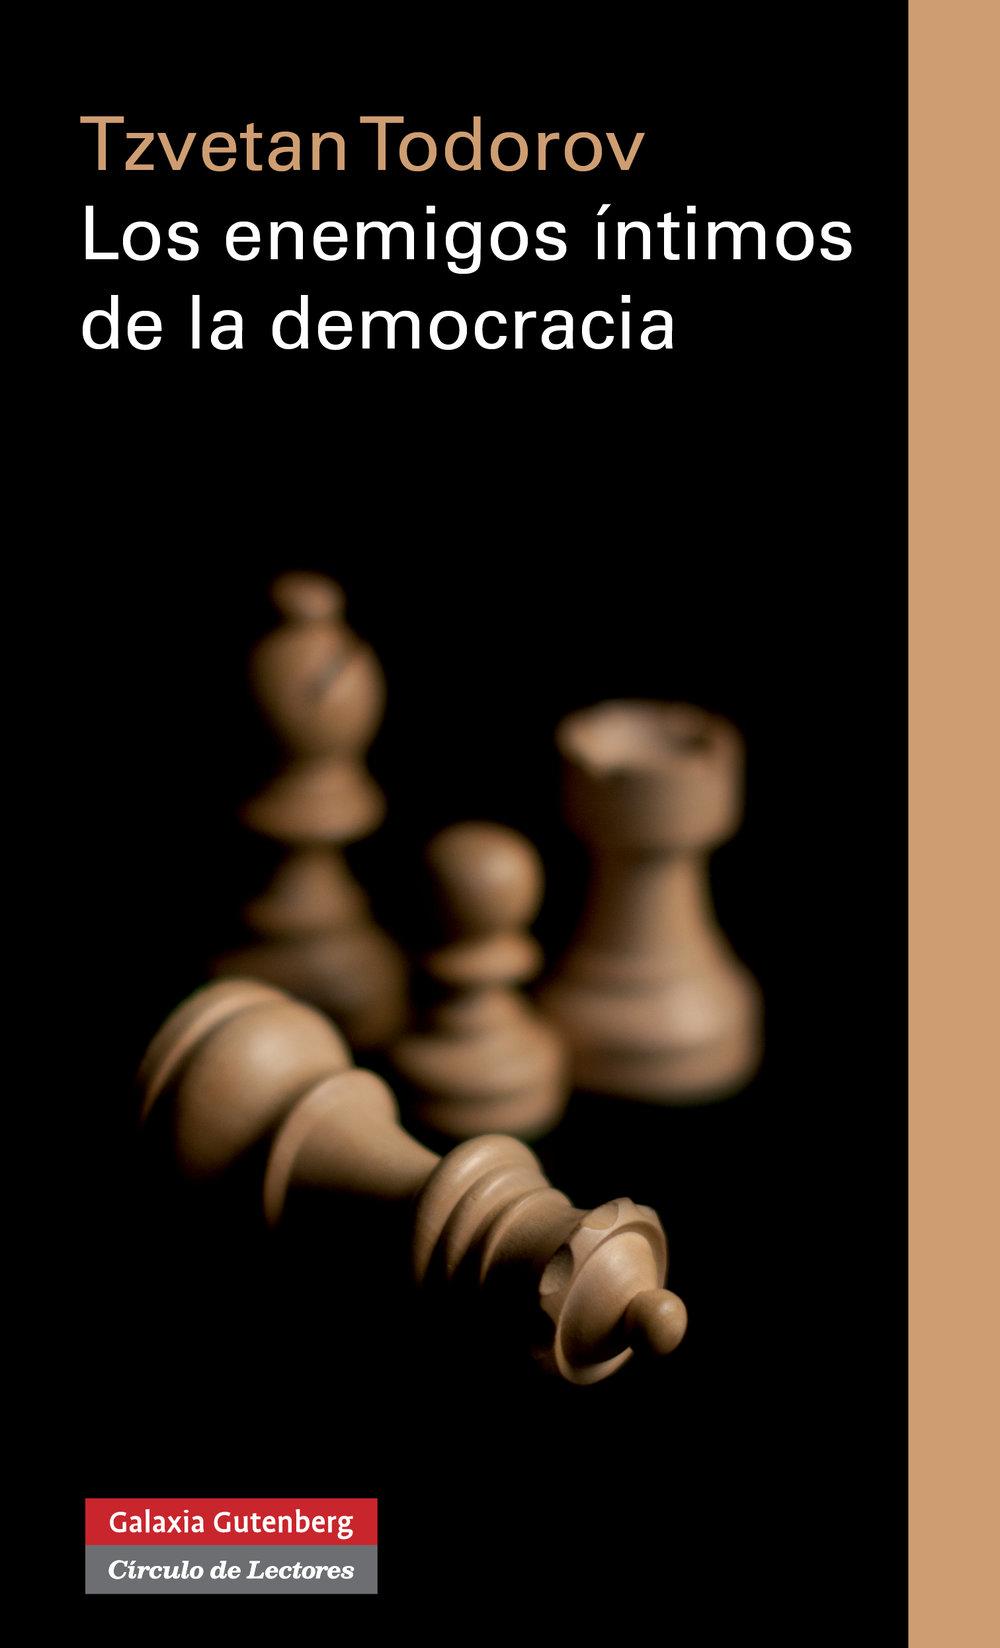 El autor identifica tres enemigos: populismo, mesianismo y el ultraliberlalimo